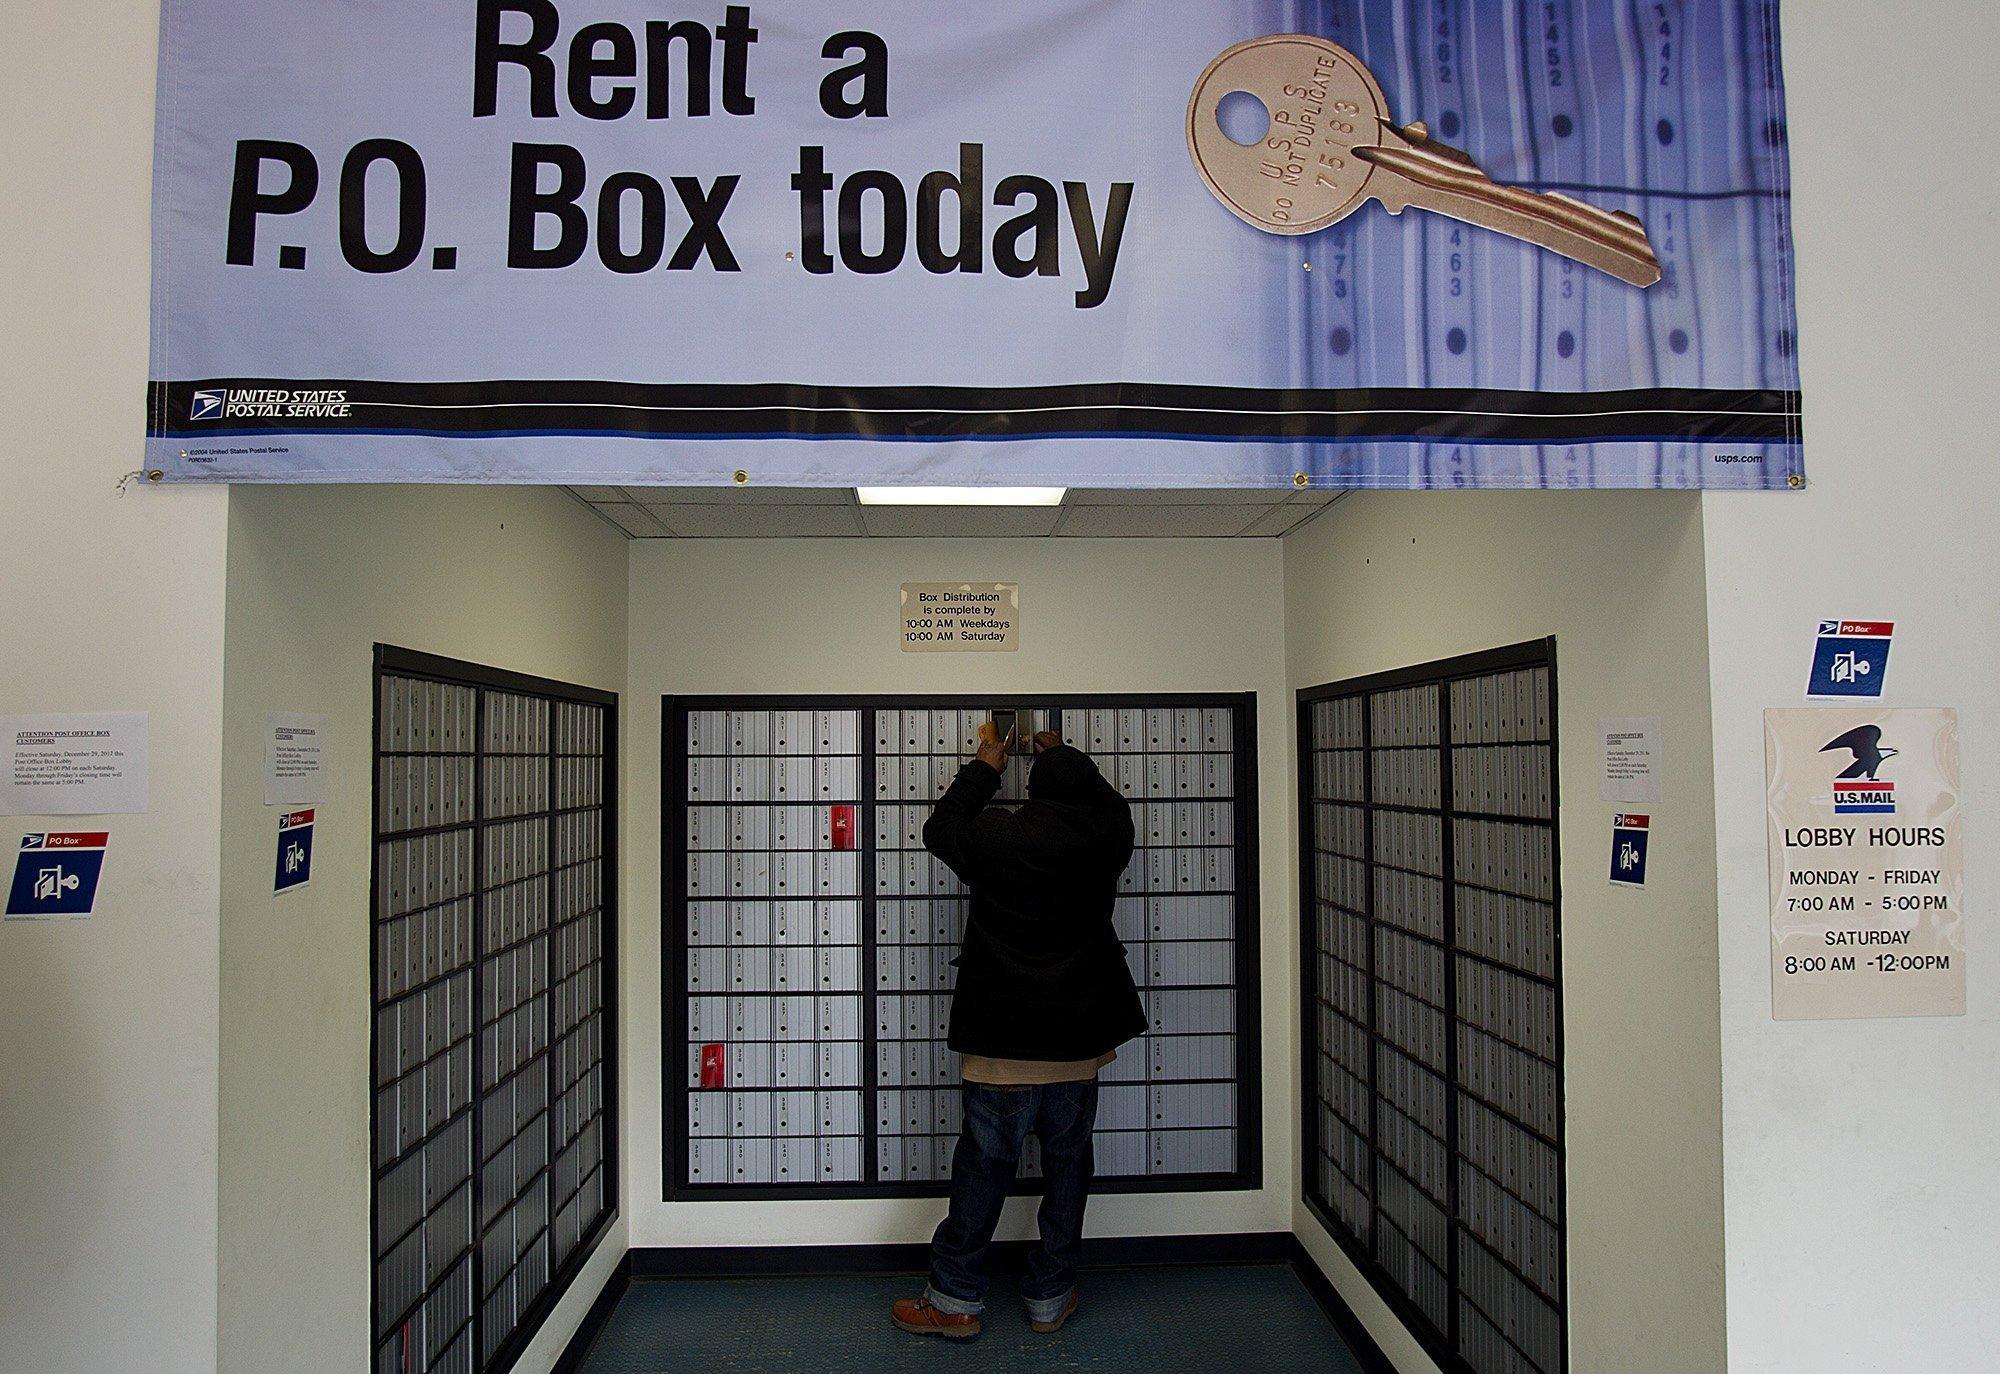 Thinking inside the PO Box